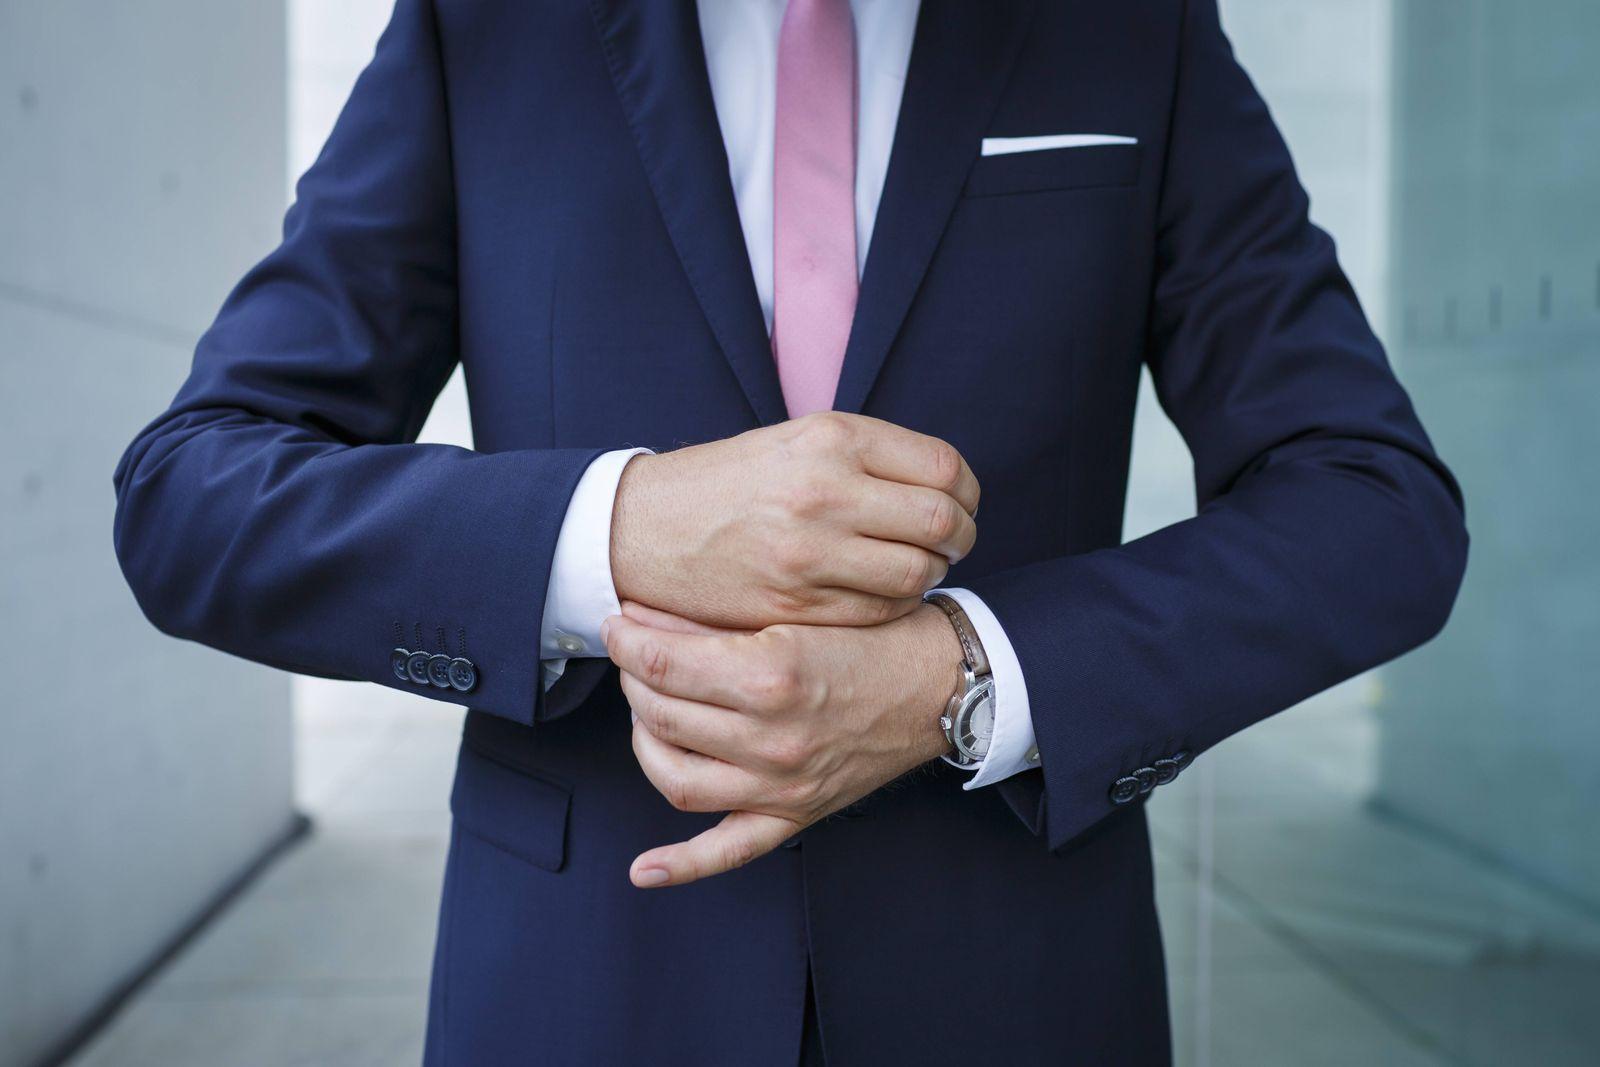 Ein Mann im Anzug richtet die Manschetten Berlin 07 08 2014 Model Released Model Release vorhand